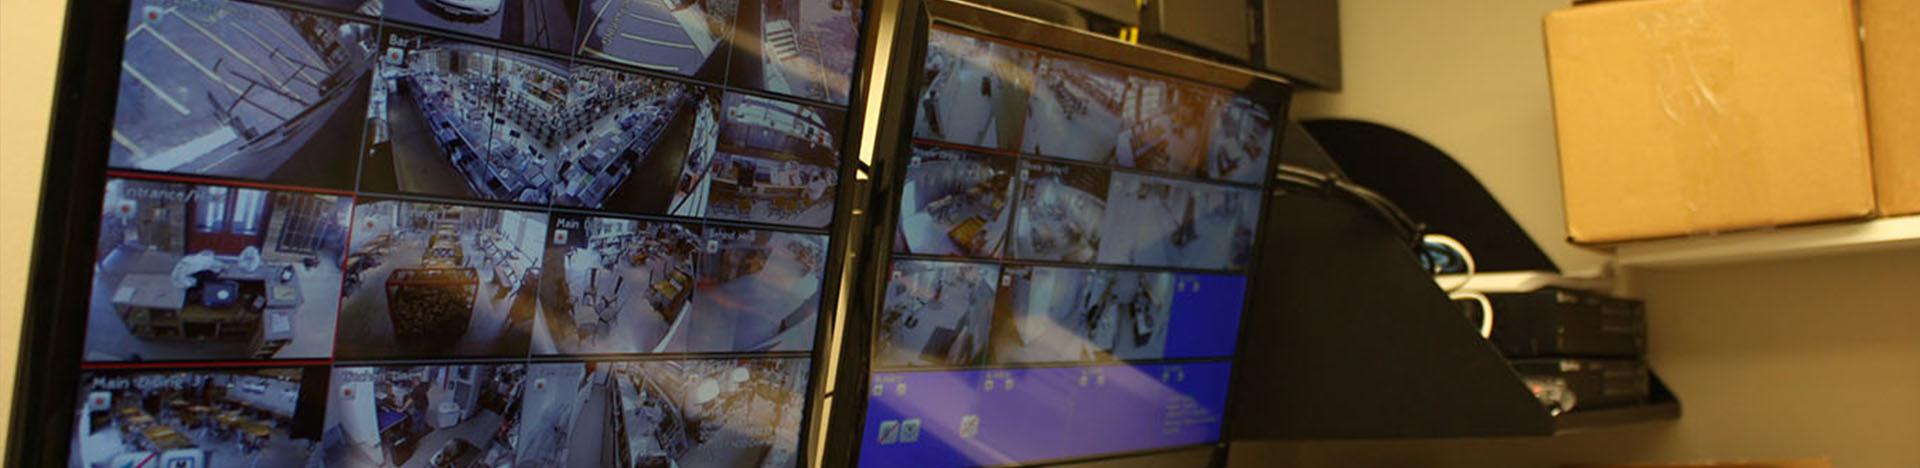 video surveillance tech